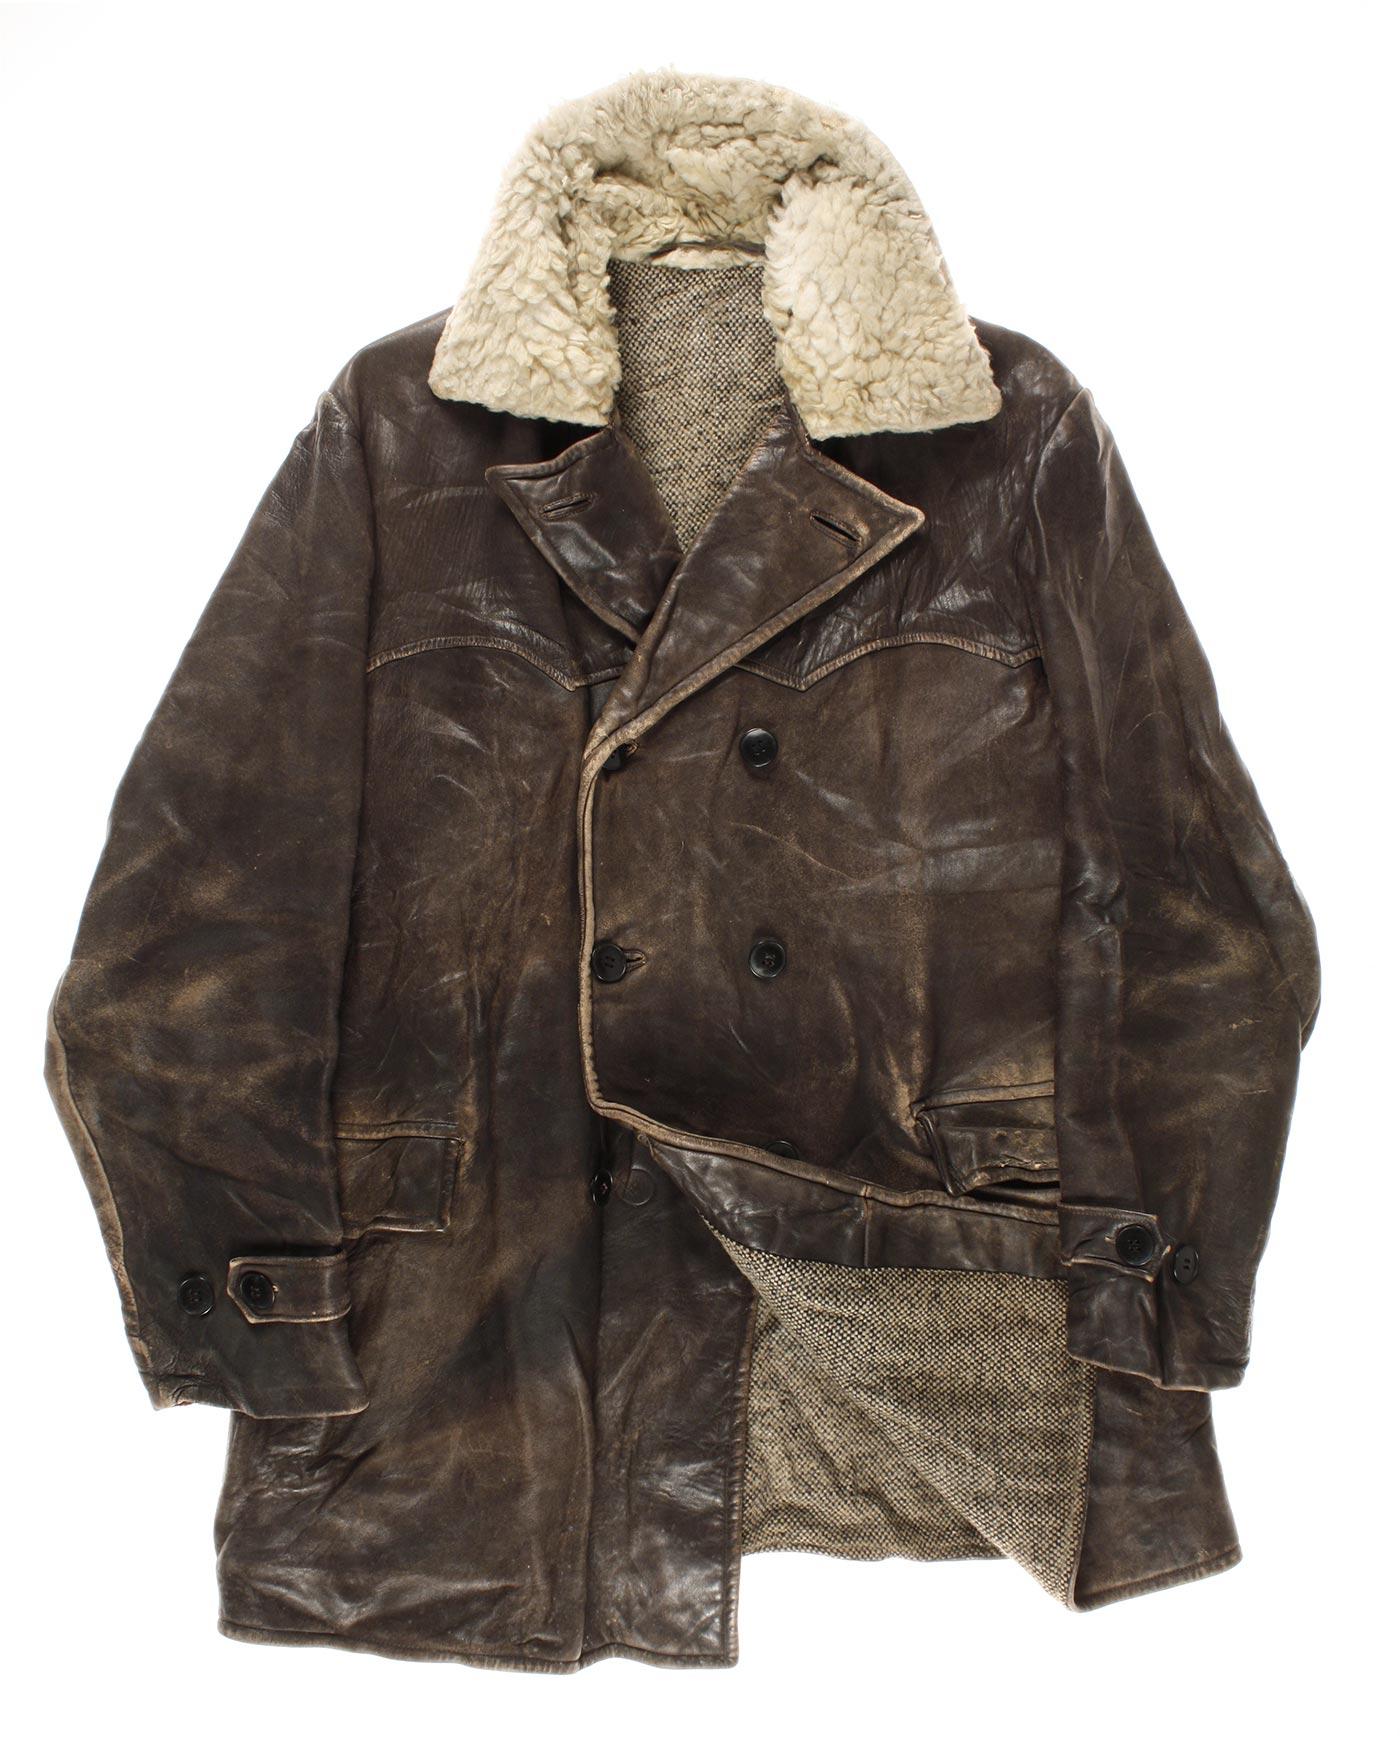 Leather jacket europe - Leather Jacket 40s 50s